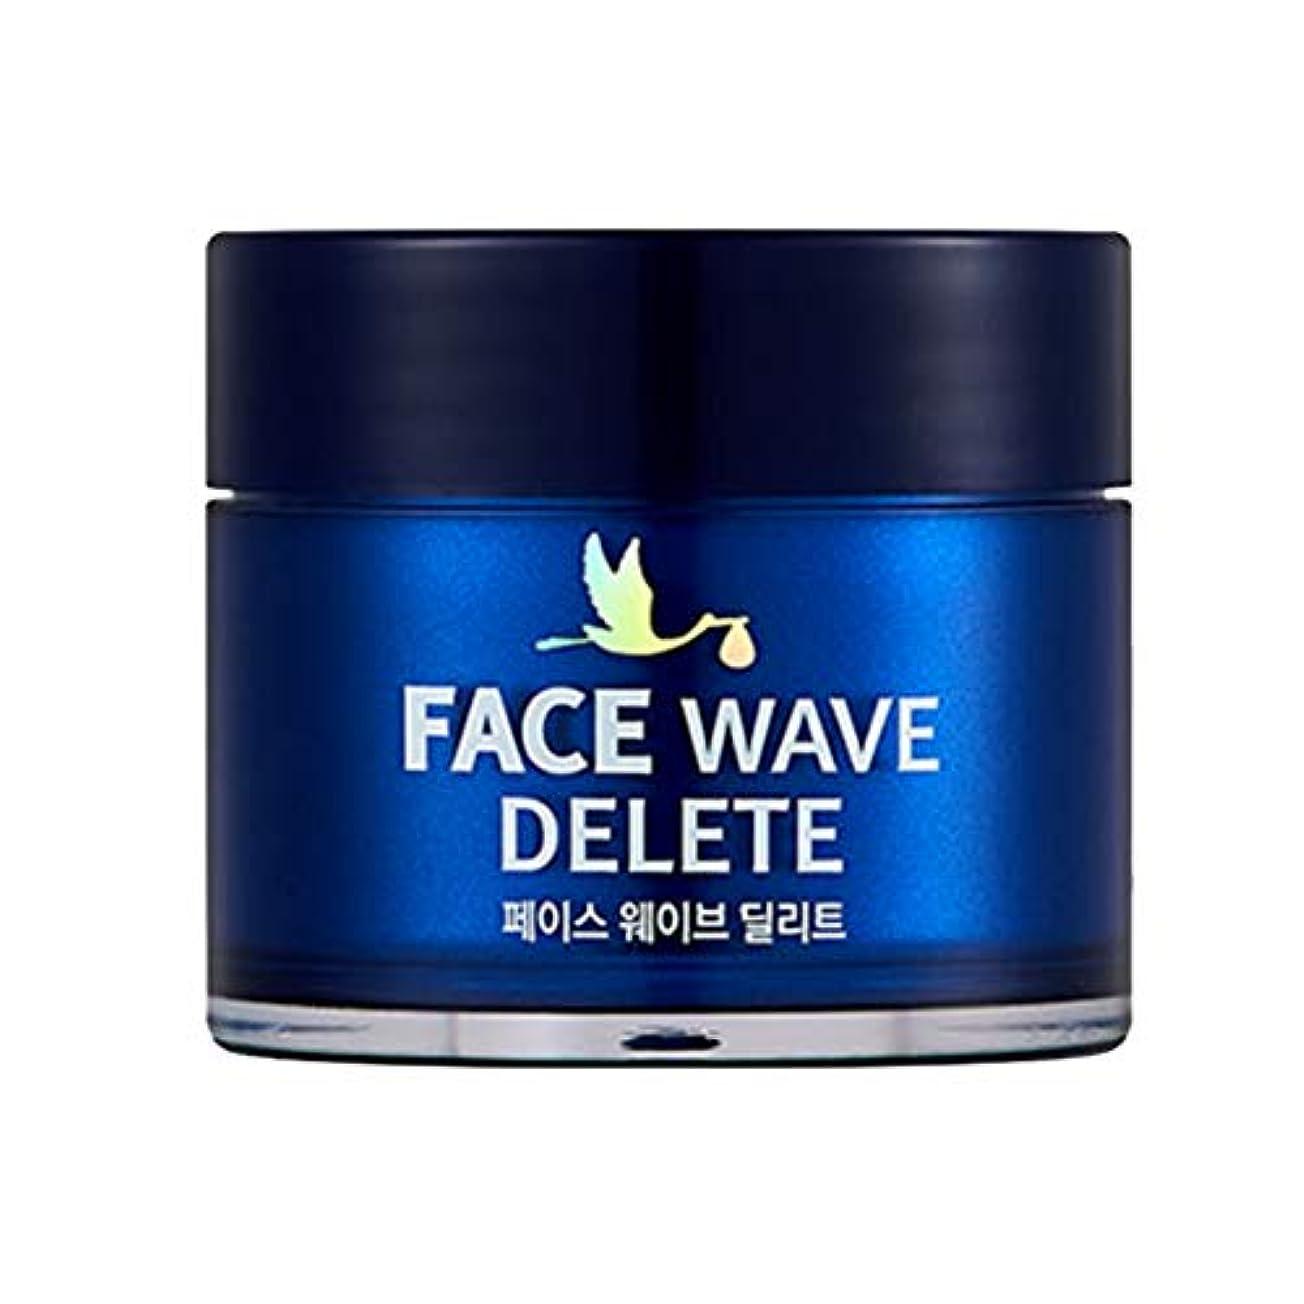 オーナートーン曲げるbona medusa FACE WAVE DELETE しわ集中改善クリームすべての肌用30g[海外直送品]